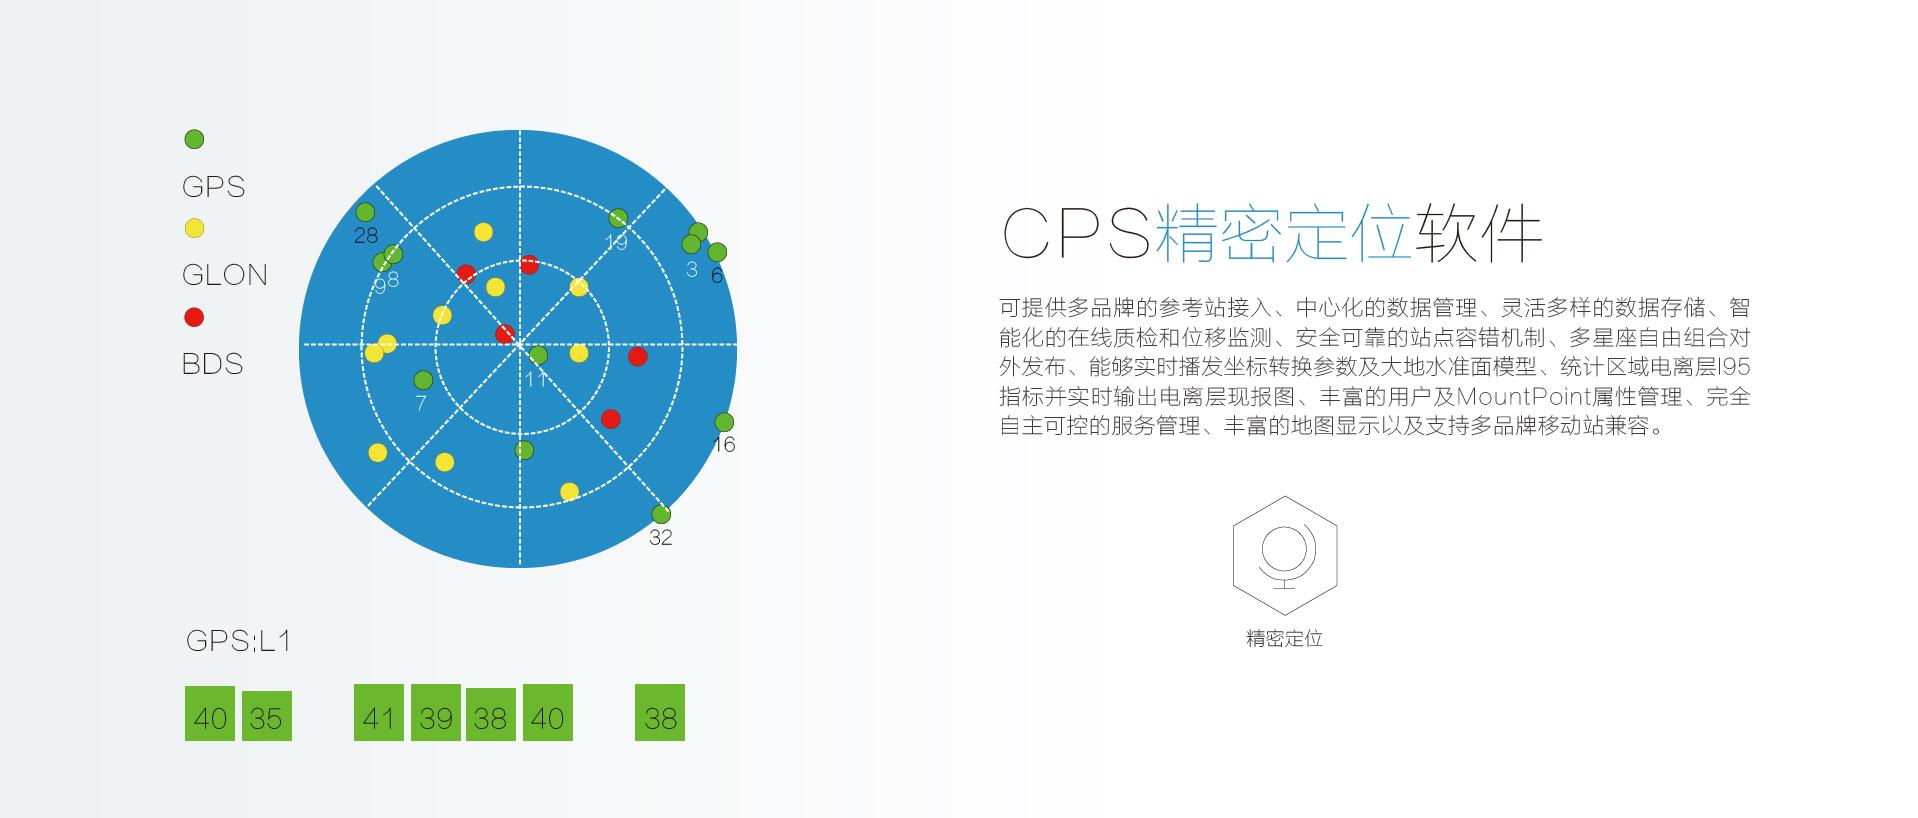 華測導航CPS精密定位軟件特點